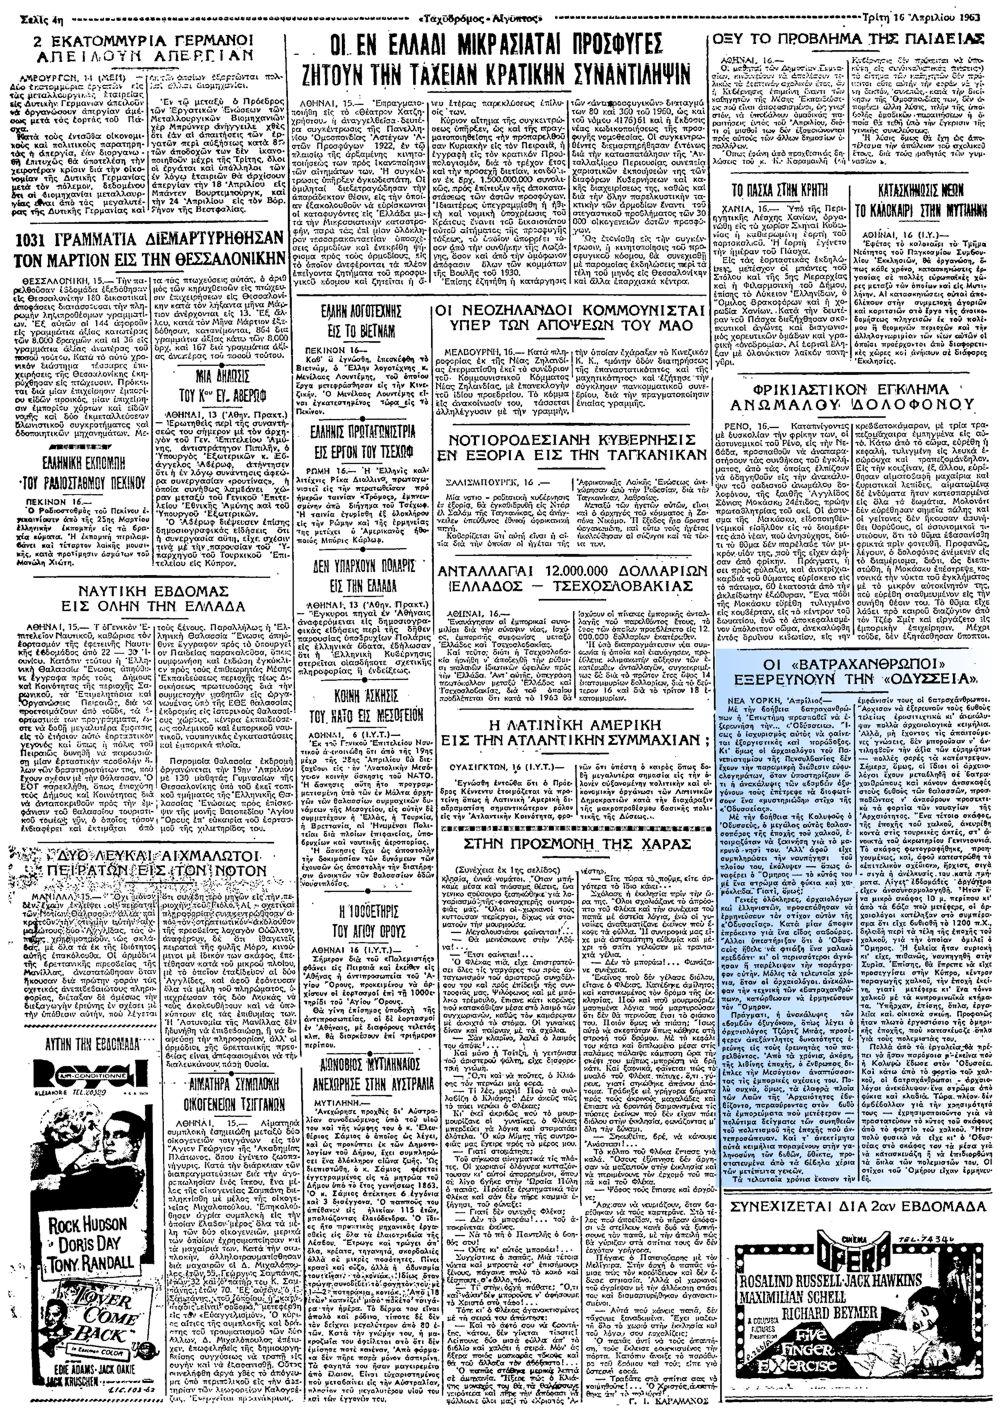 """Το άρθρο, όπως δημοσιεύθηκε στην εφημερίδα """"ΤΑΧΥΔΡΟΜΟΣ"""", στις 16/04/1963"""